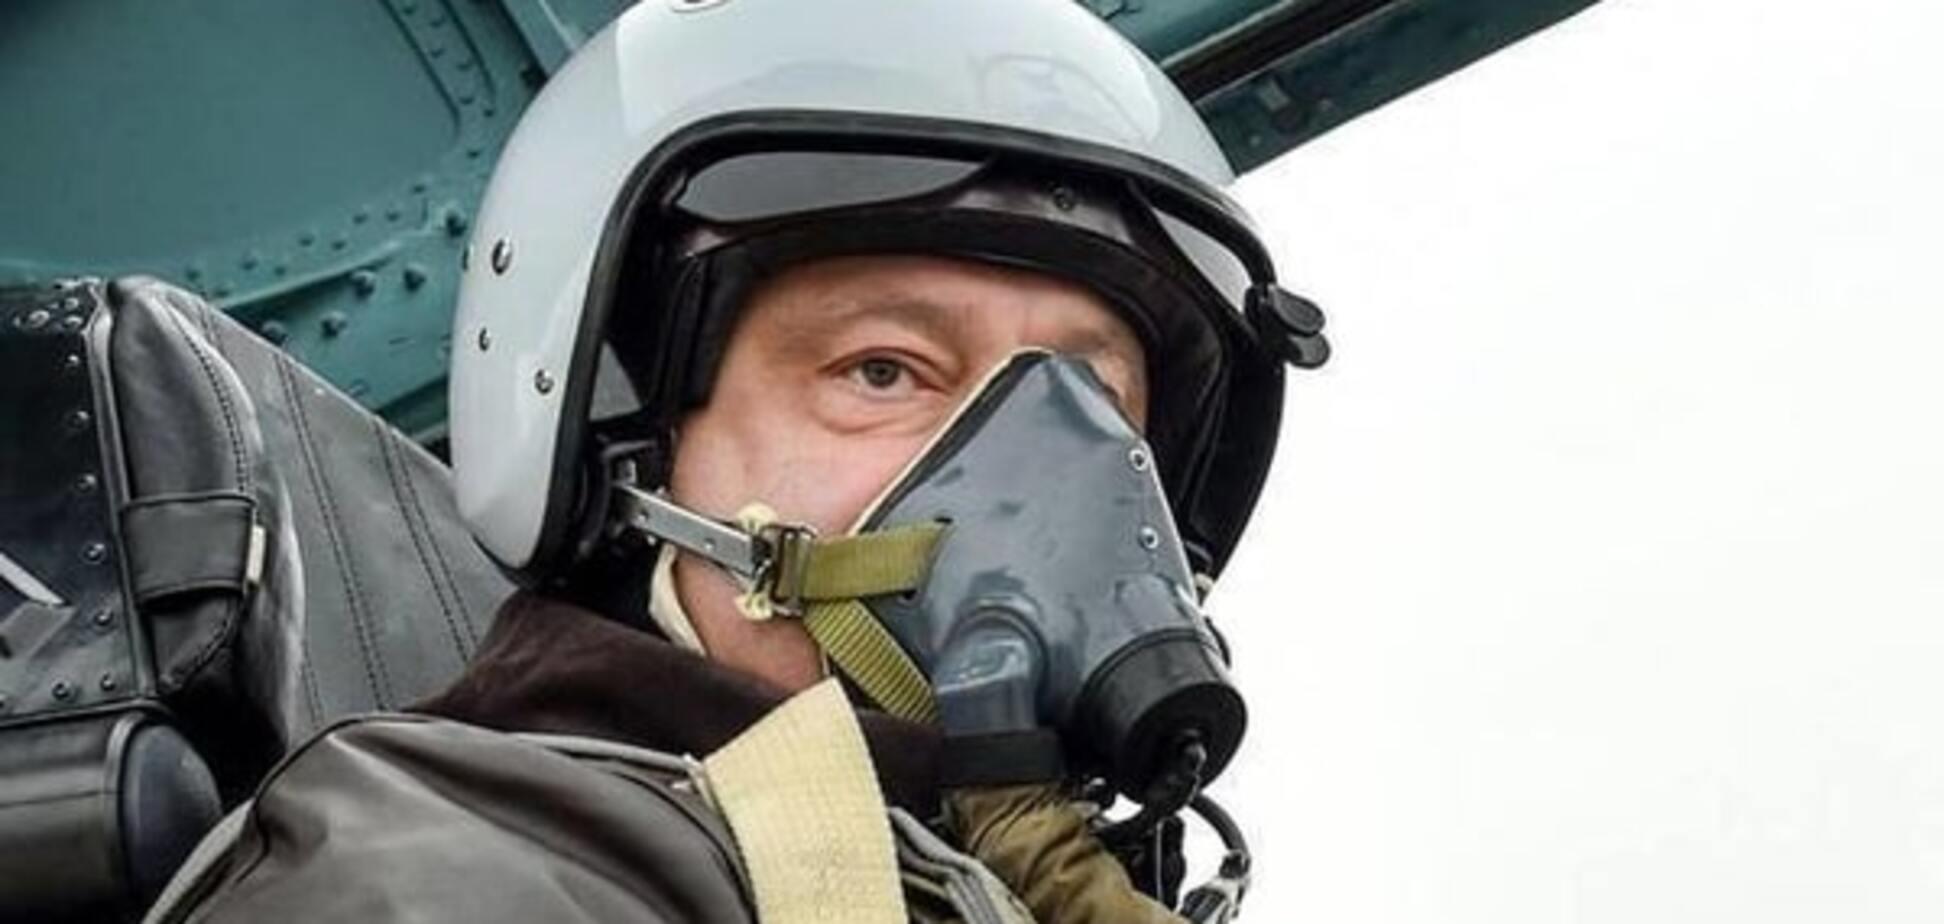 Порошенко и Су-27: принуждение к путинизму